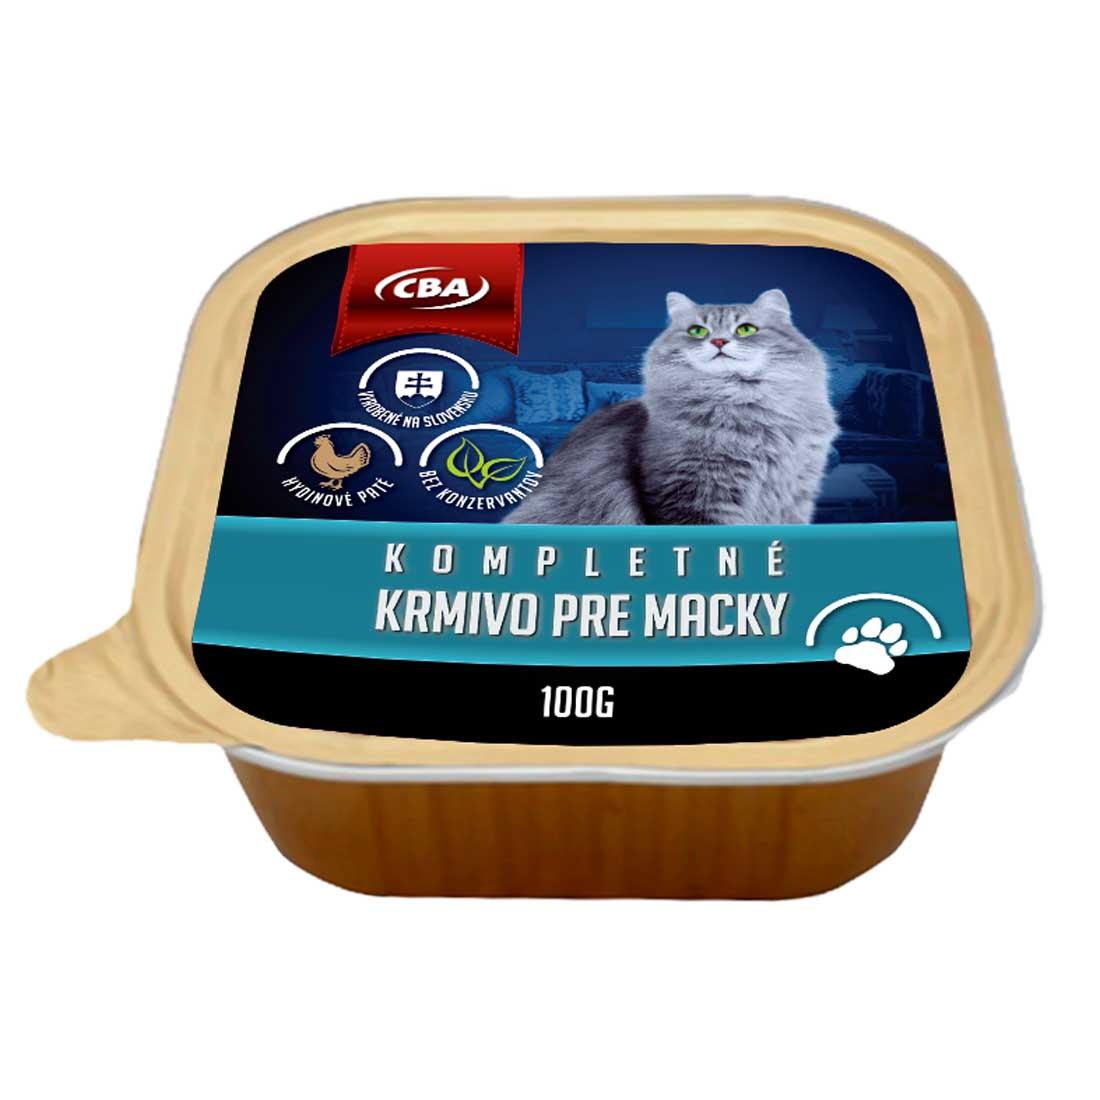 CBA kompletné krmivo pre mačky 100g  (vanička)